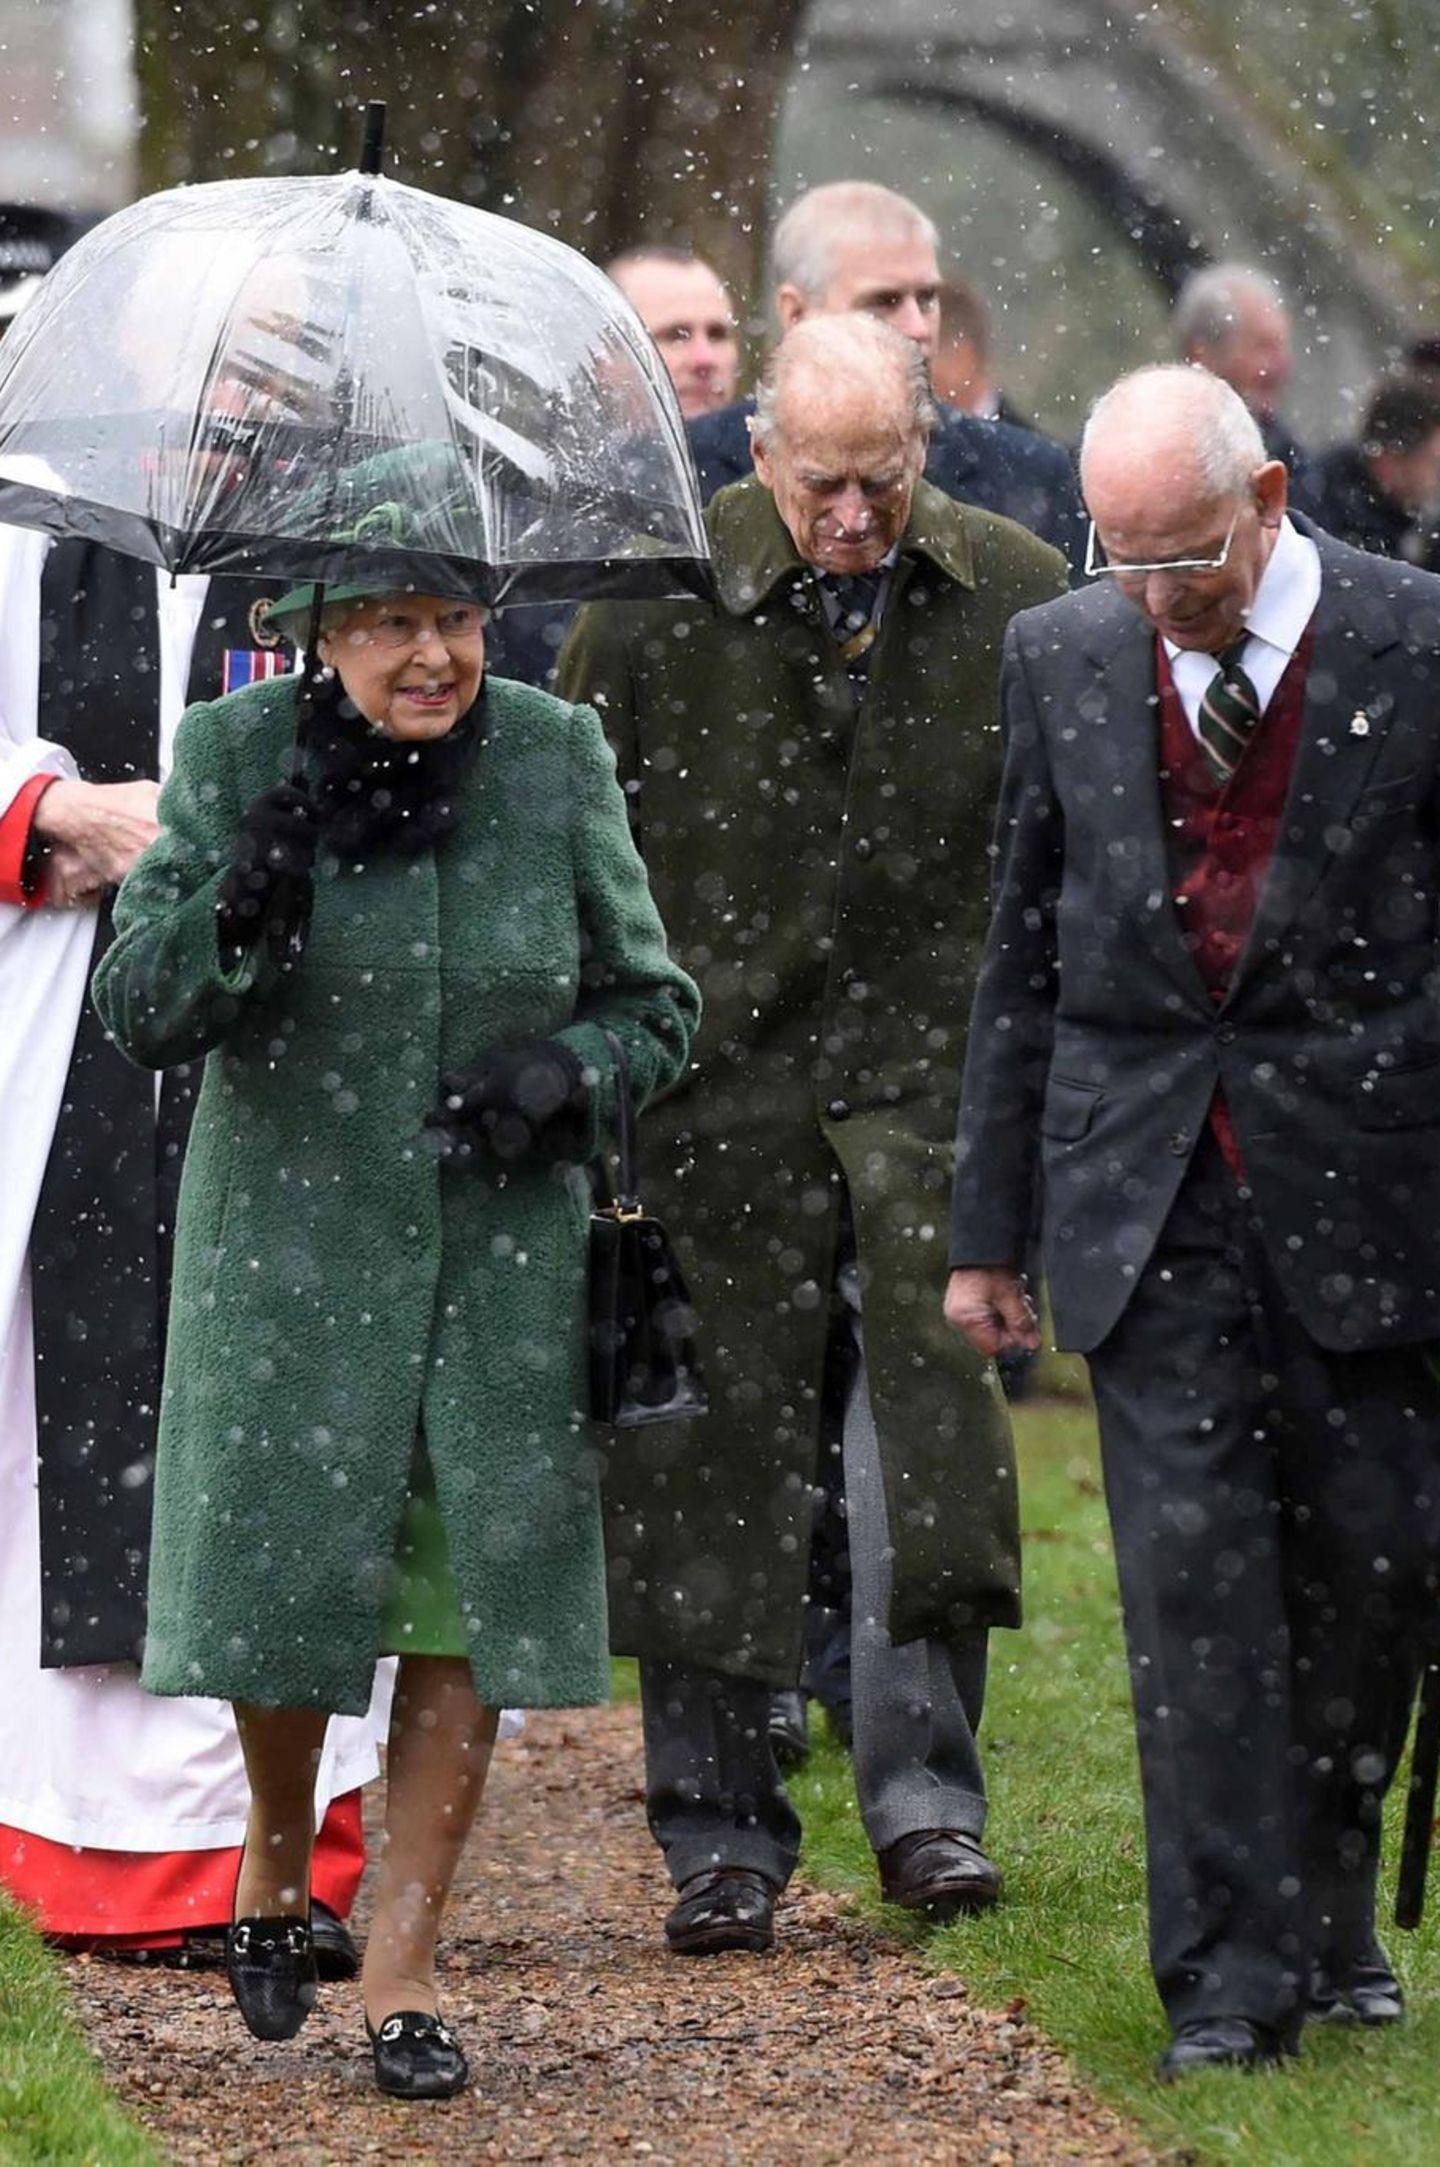 """21. Januar 2018  Die Queen besucht mit Ehemann Philip, Sohn Andrew und den Enkelinnen Eugenie und Beatrice die """"St Lawrence-""""Kirche in Norfolk. Die Geistlichen, die die Queen vor der Kirchentür empfangen, müssen - ebenso wie die übrigen Windsors - waren offenbar nicht so gut auf den Schnee vorbereitet wie die Elizabeth II., die gut gelaunt und beschirmt erscheint."""